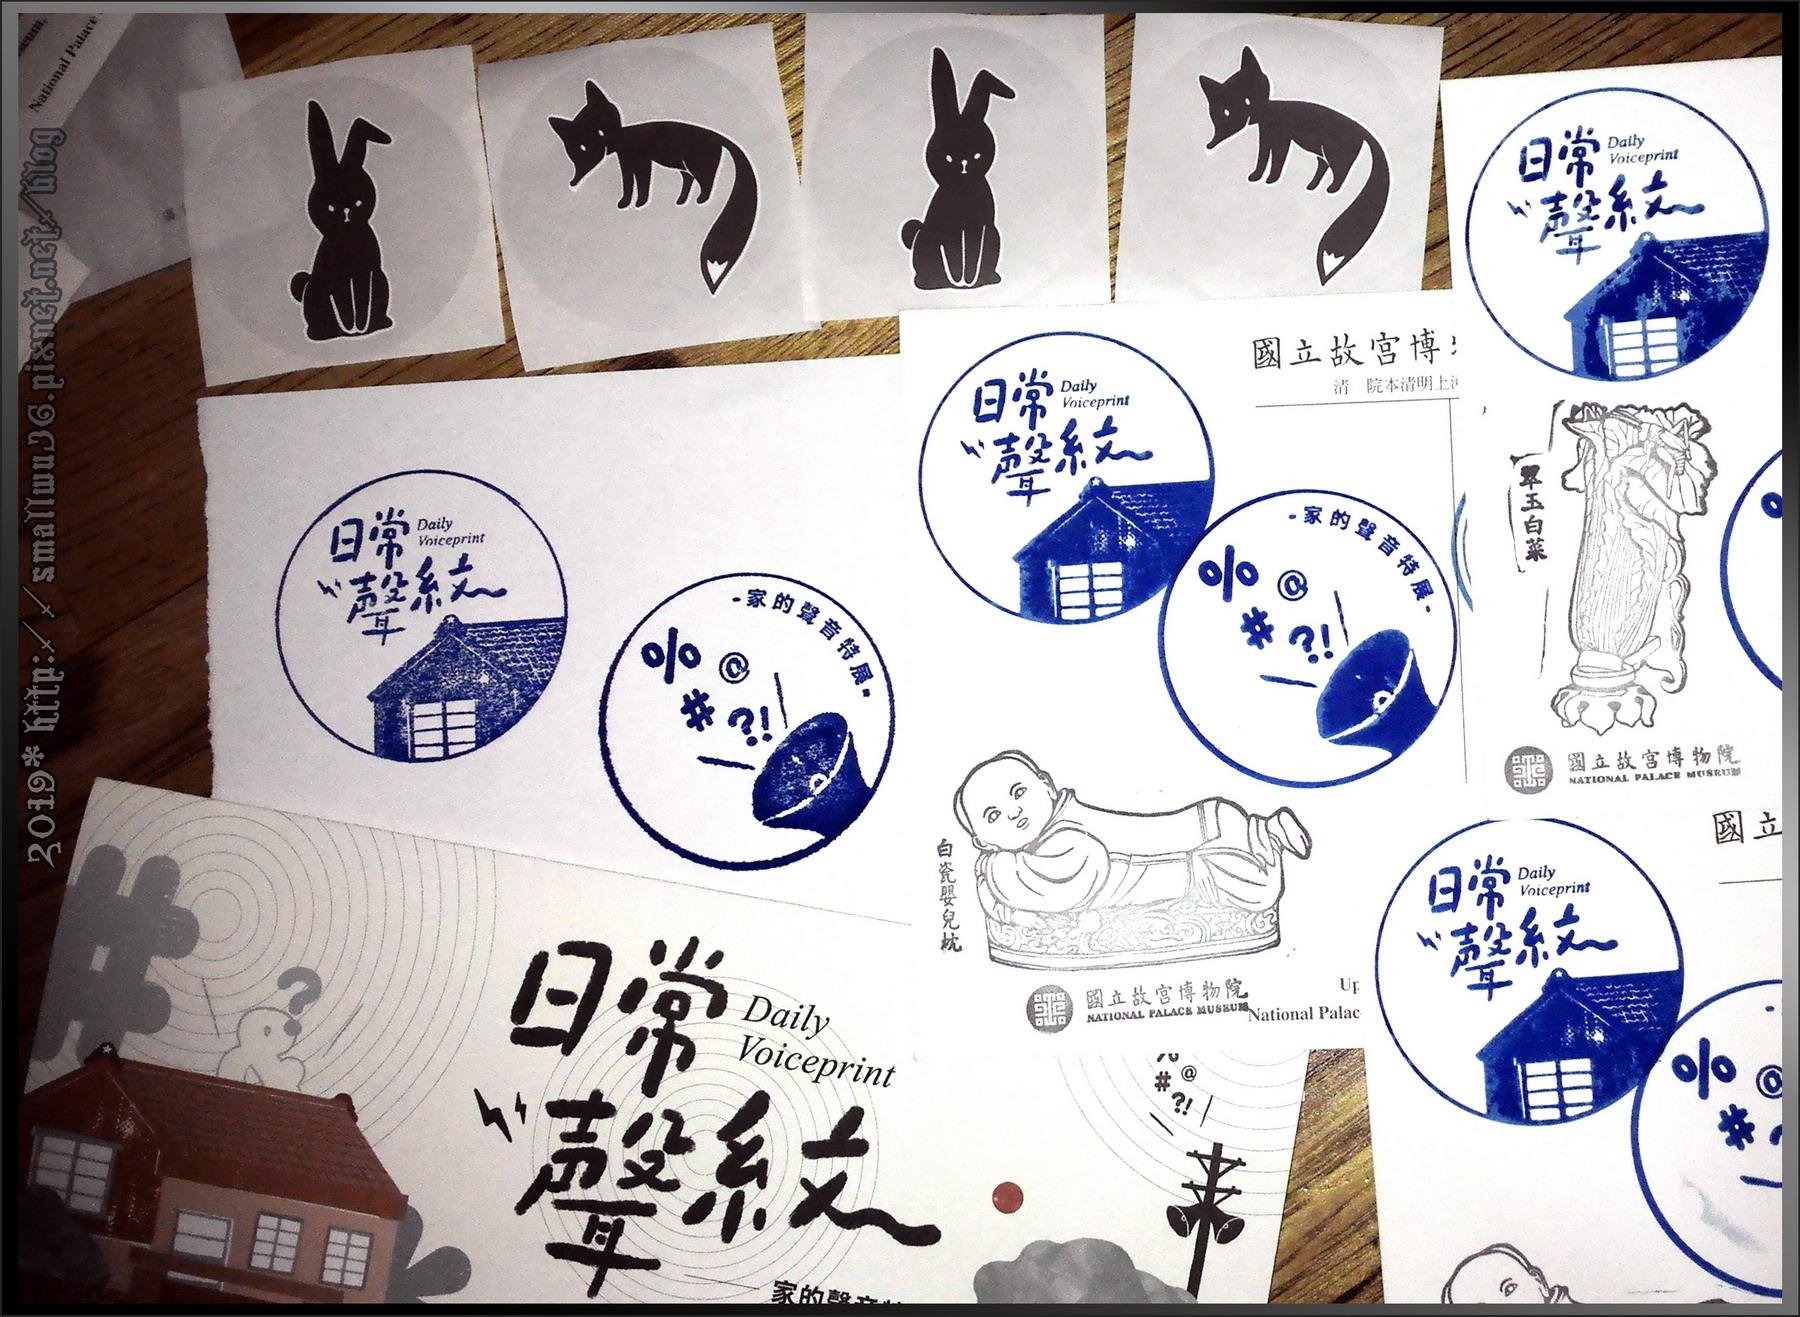 中壢光影-眷村馬祖新村-日常聲紋-01.jpg